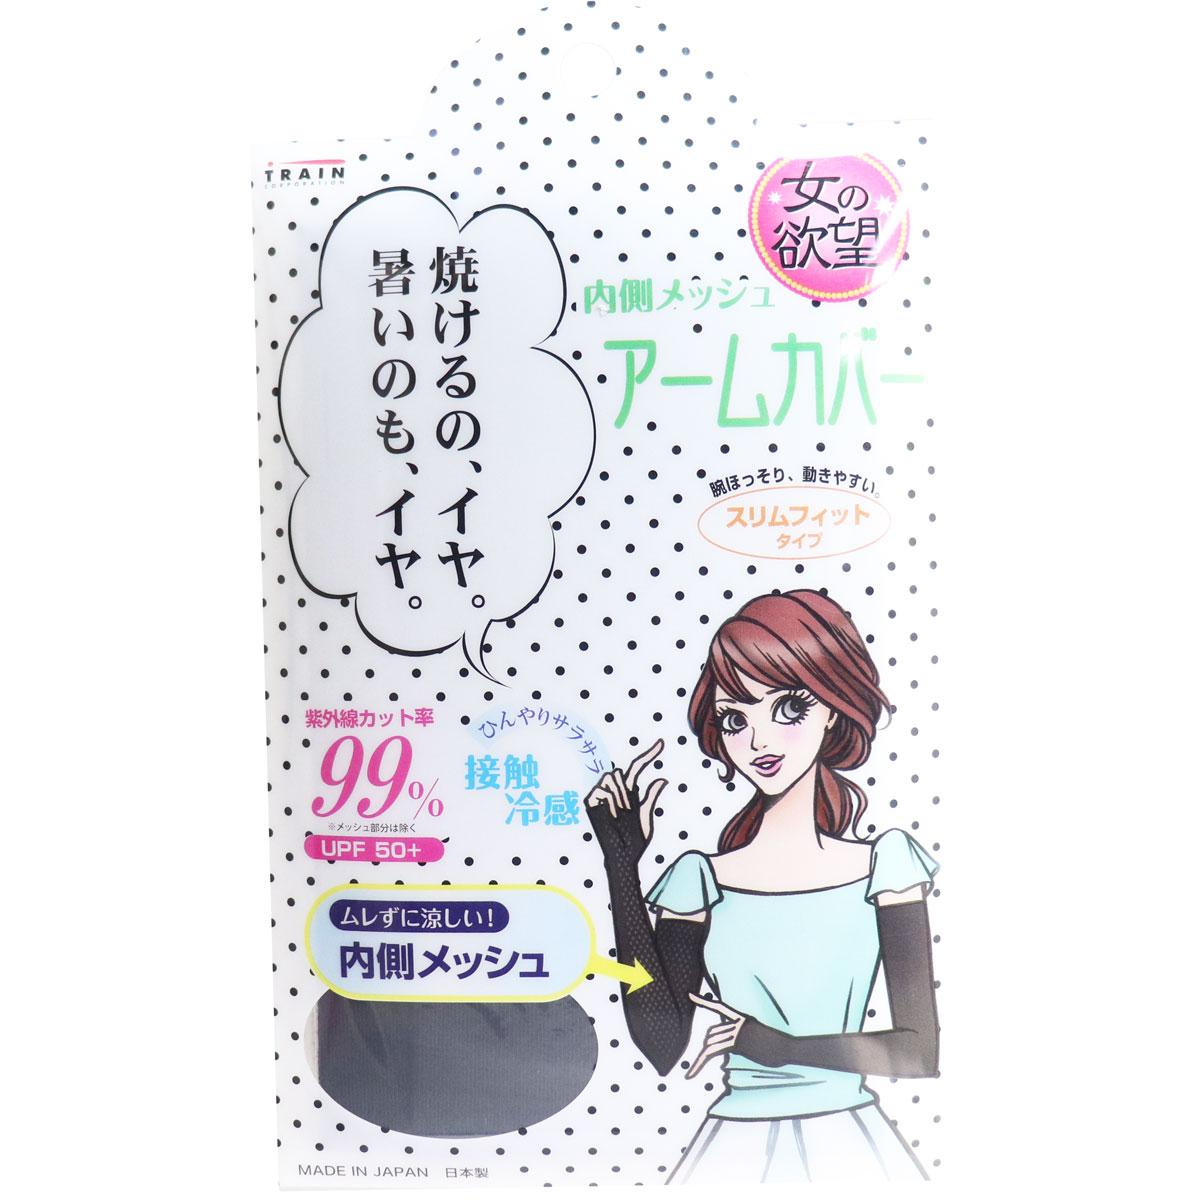 [シーズン終売]女の欲望 COOL&UV 内側メッシュアームカバー スリムフィットタイプ ブラック フリーサイズ